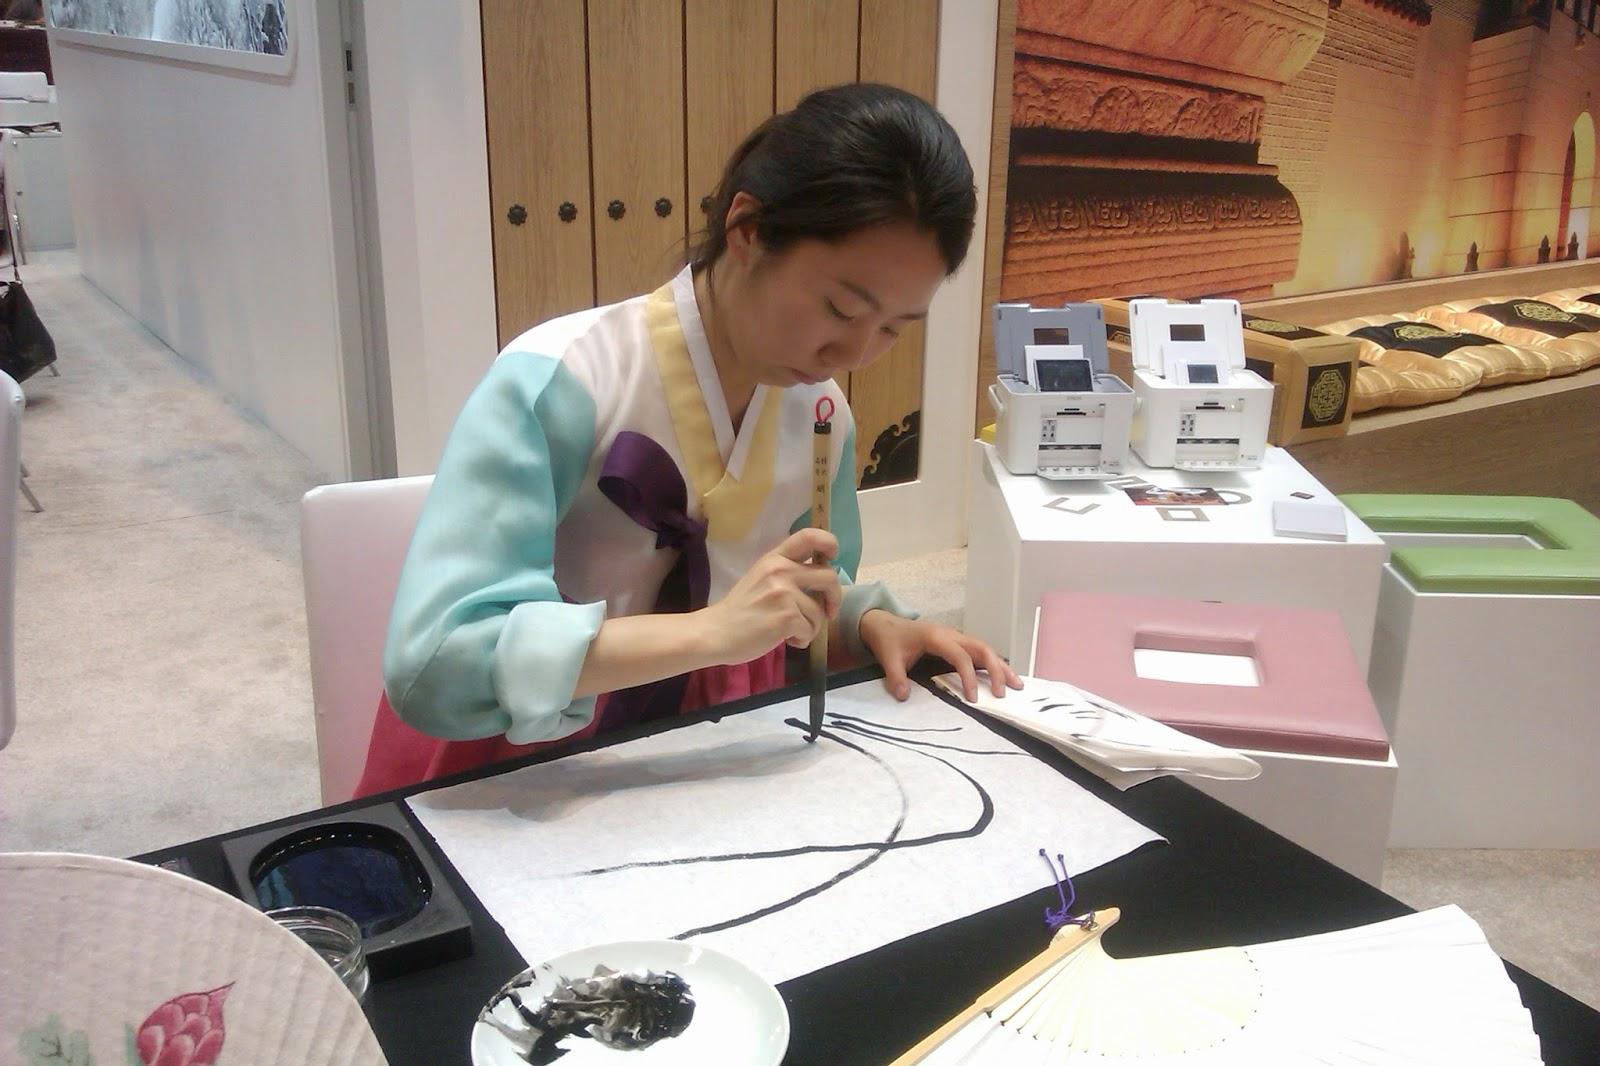 Demostración de dibujo con tinta china